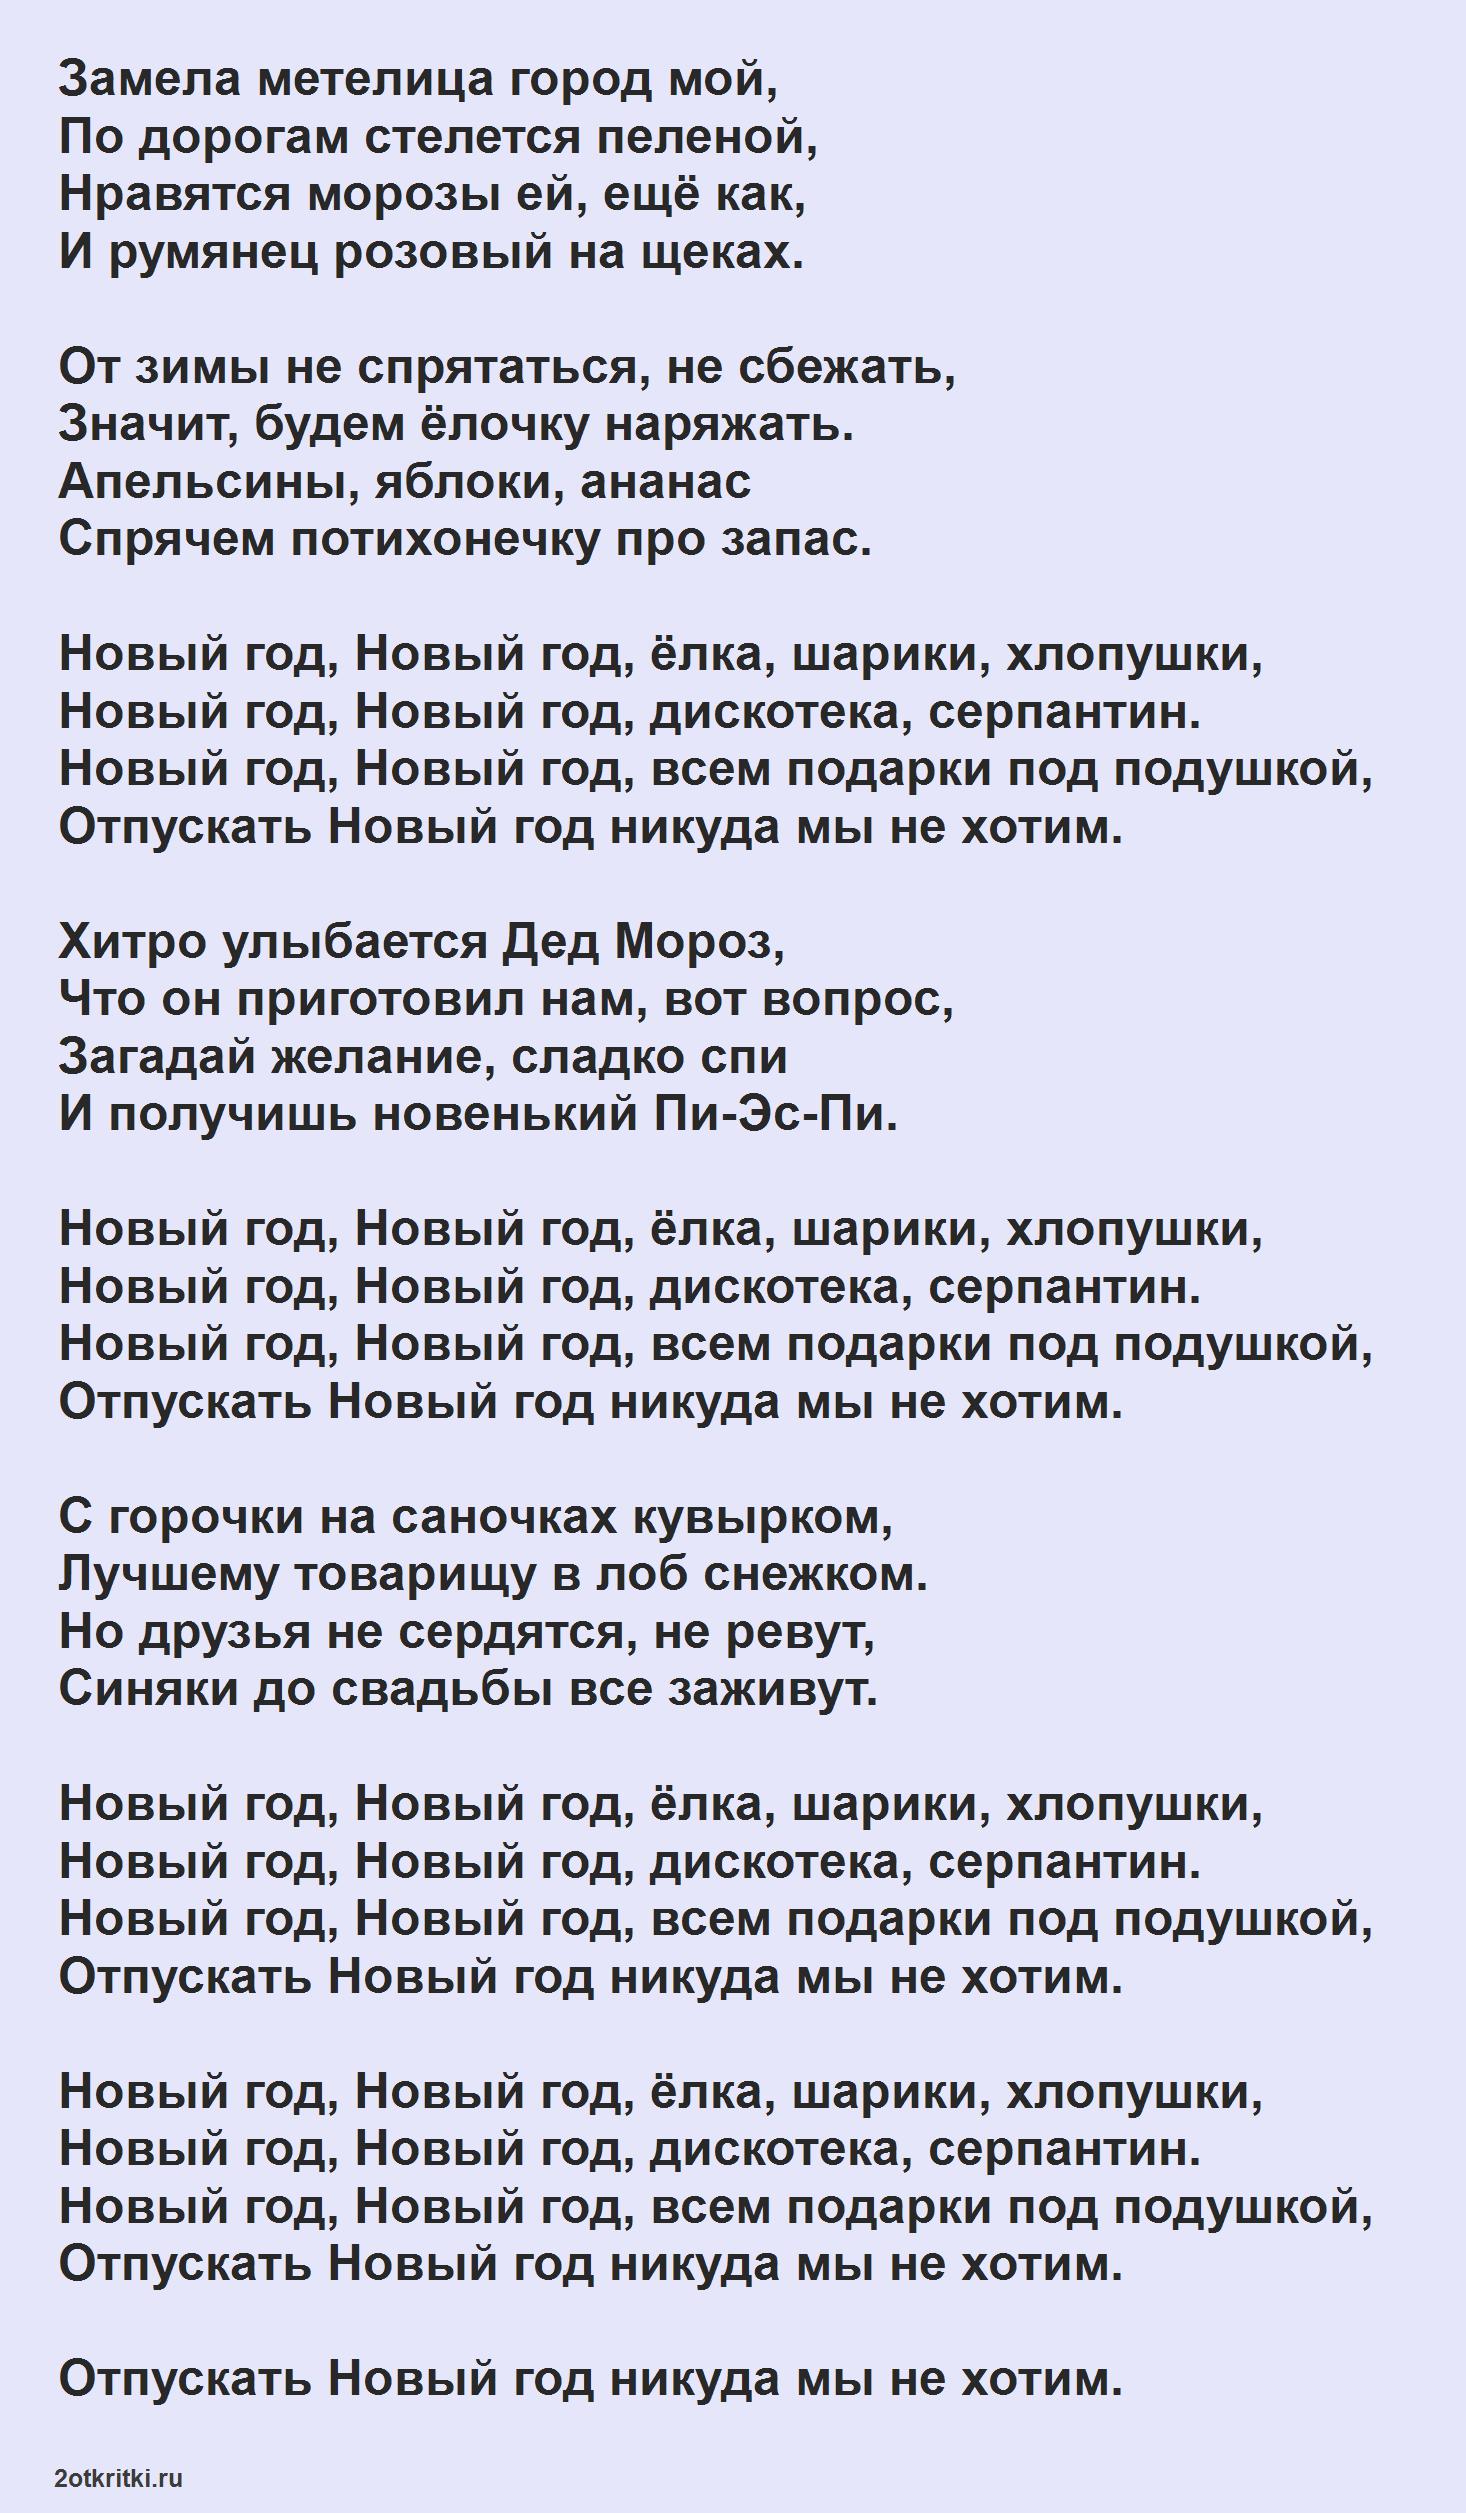 Песня с Новым годом - Елка, шарики, хлопушки, текст